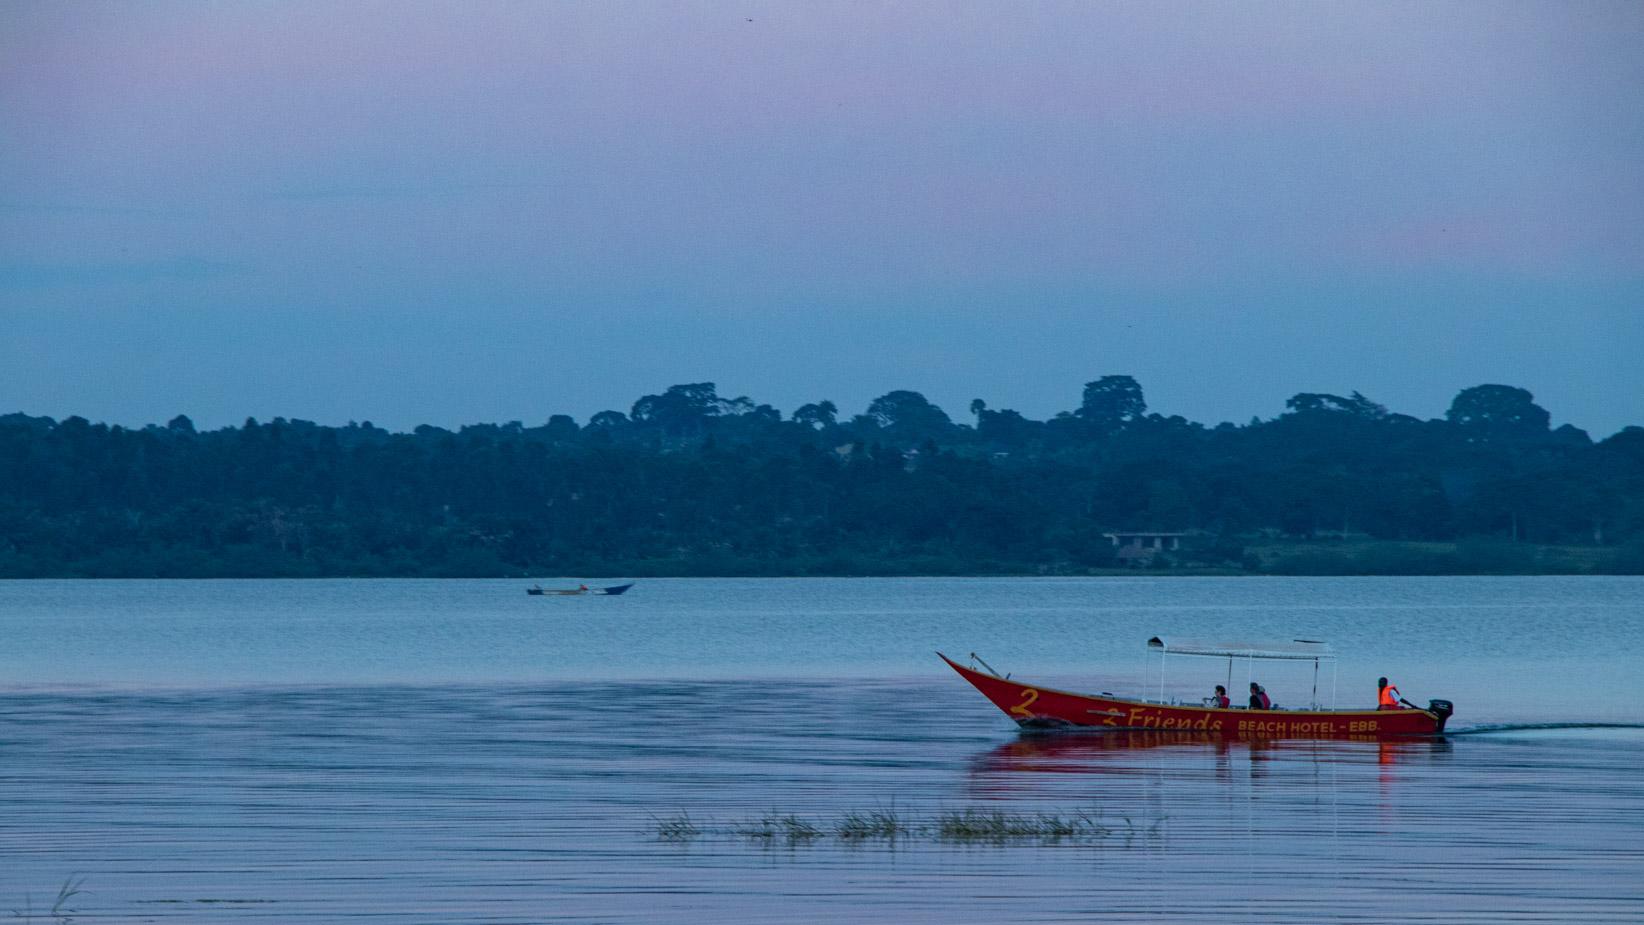 lago-victoria-uganda-2